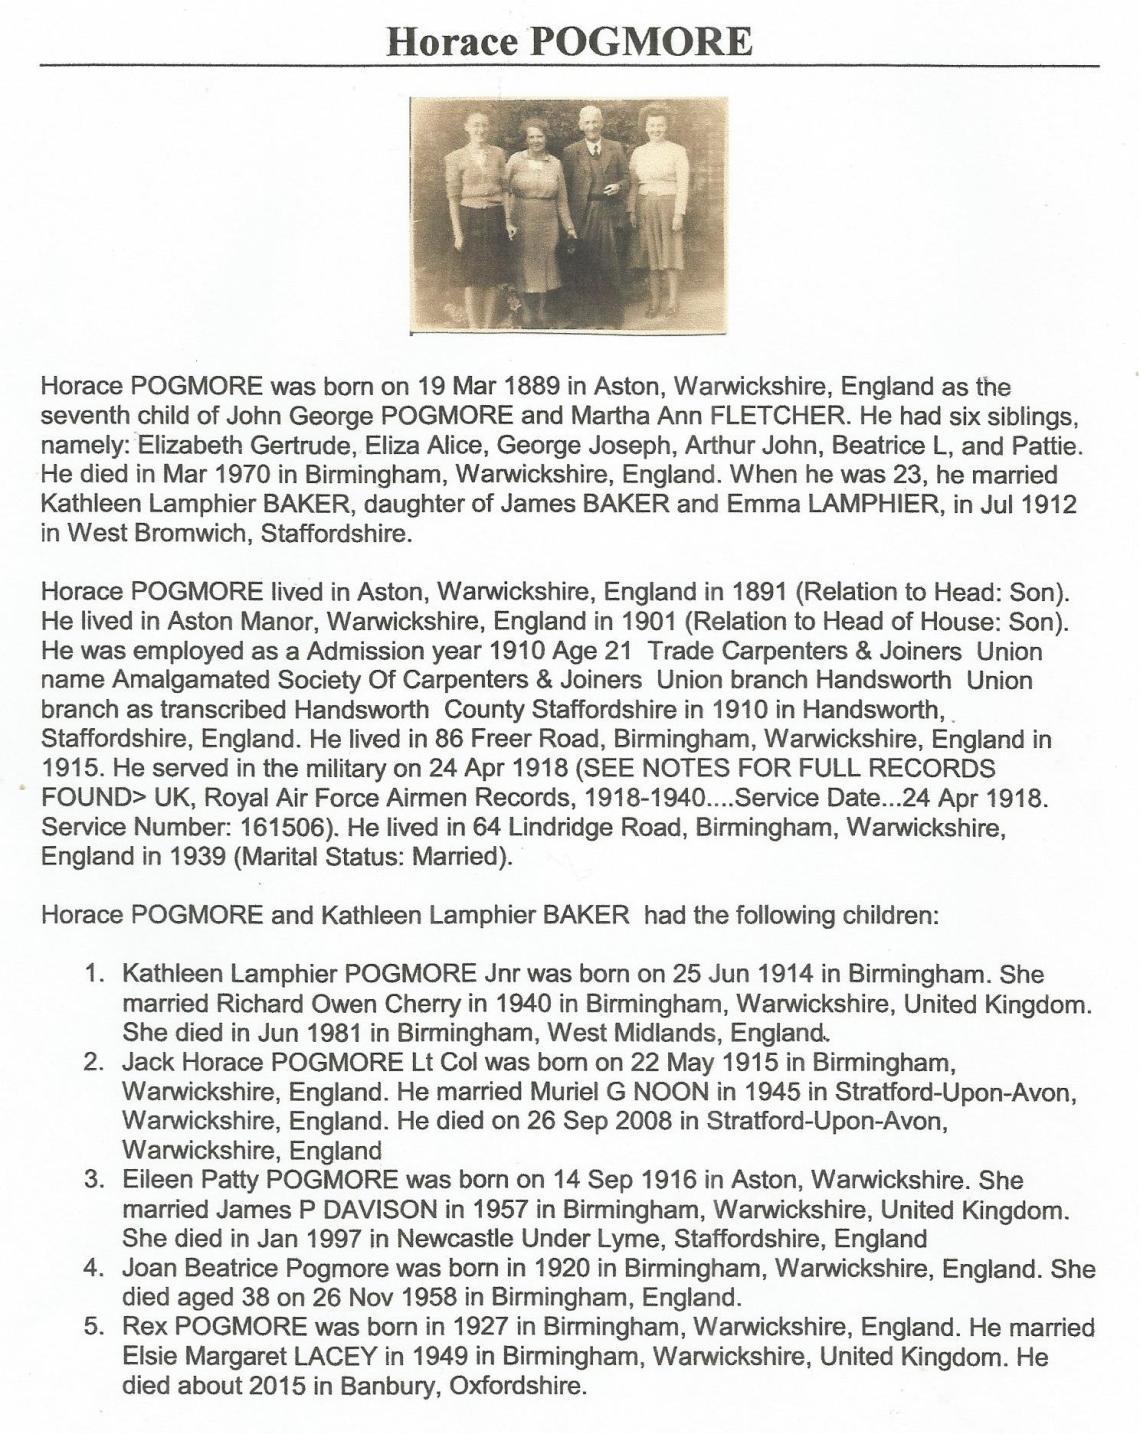 Horace family info